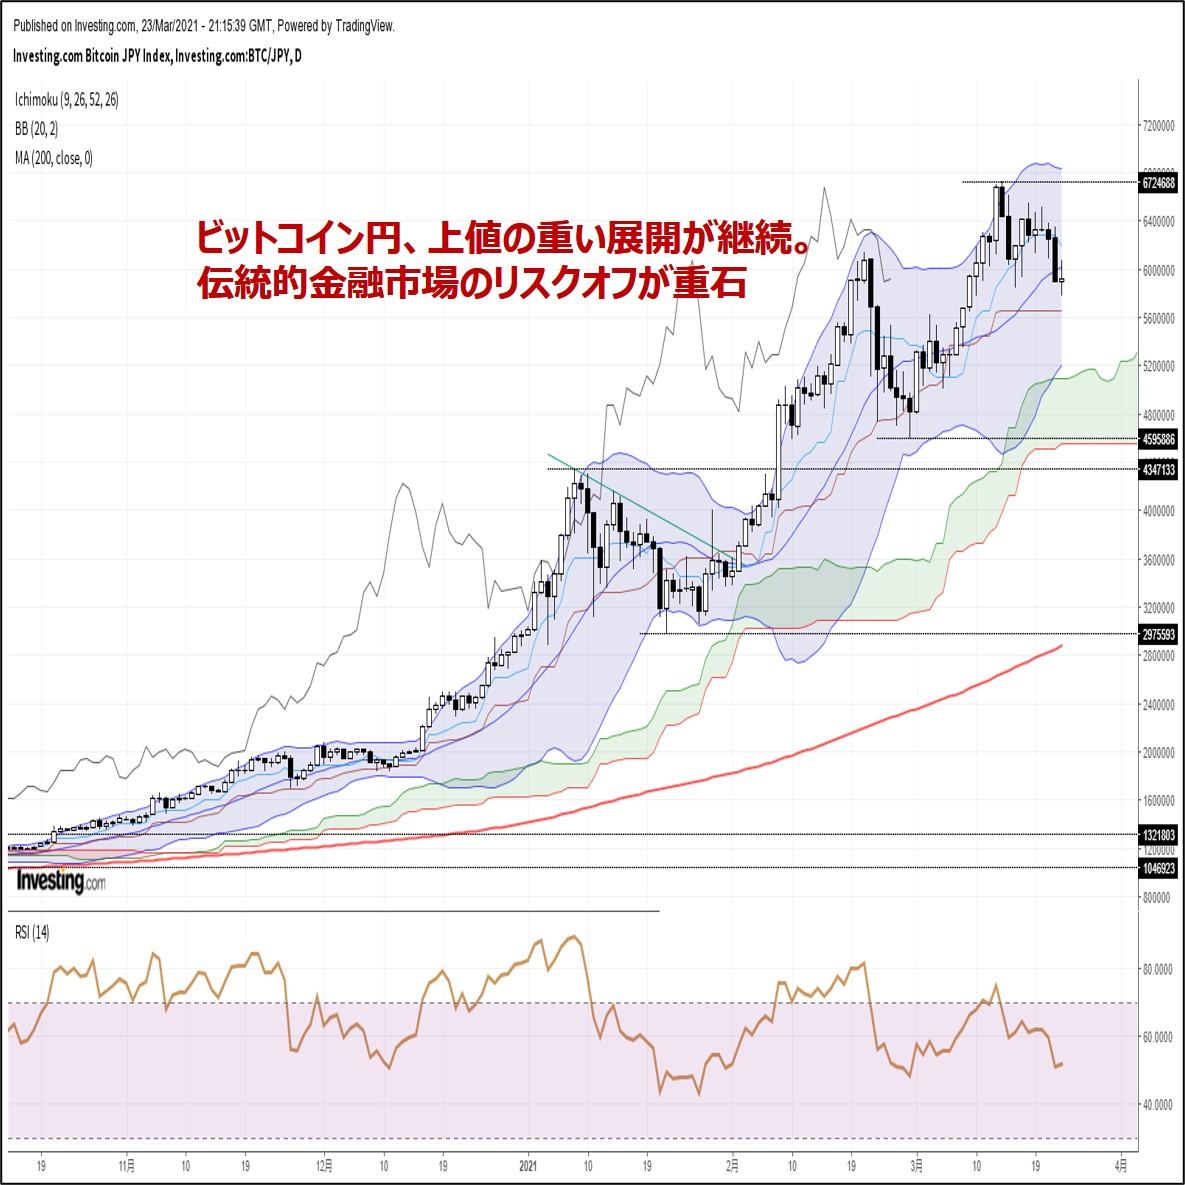 ビットコイン円、上値の重い展開が継続。伝統的金融市場のリスクオフが重石